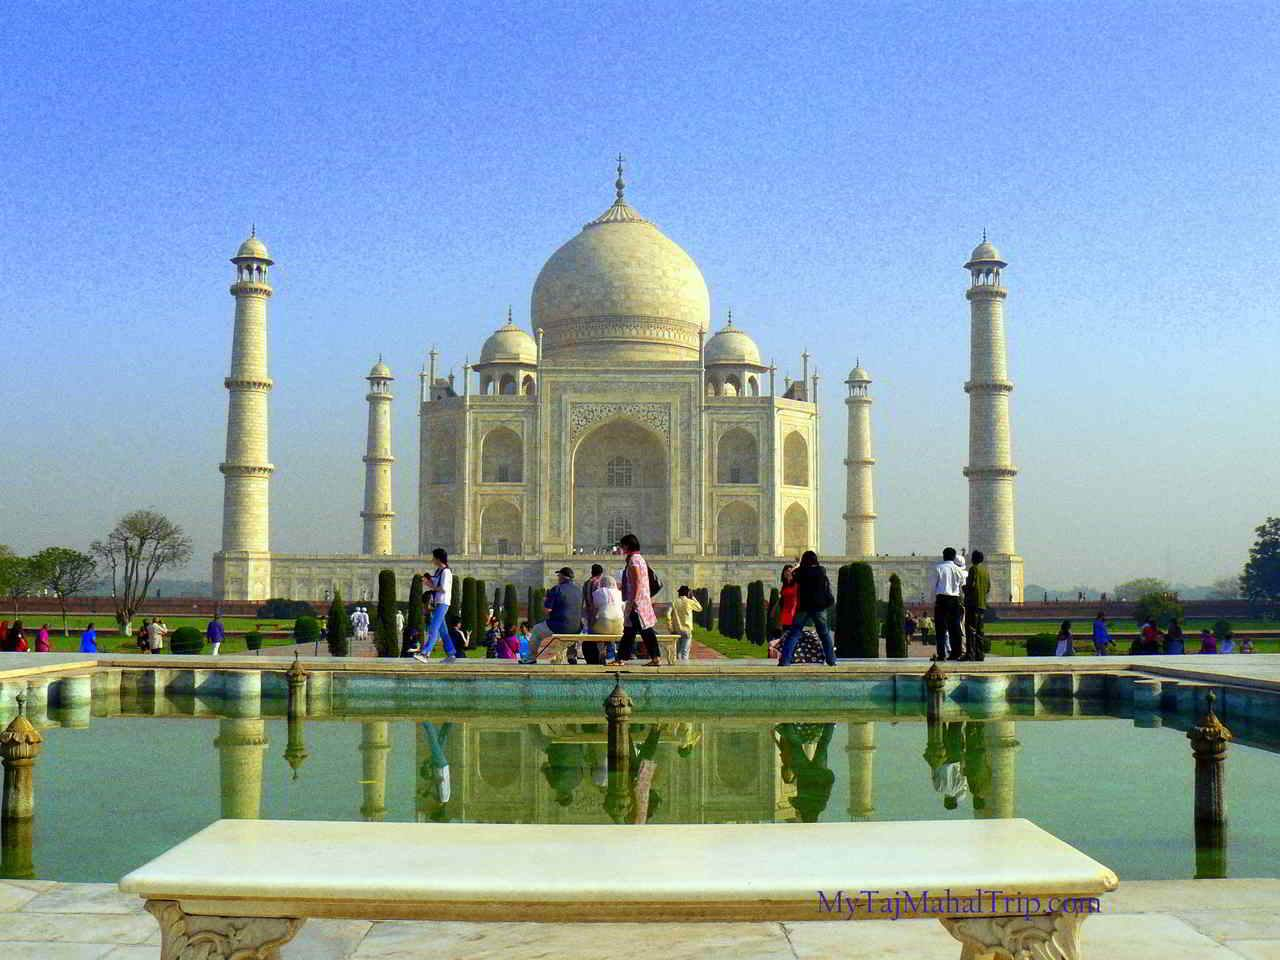 Taj Mahal Wallpaper Hd Travel Wallpapers For Mobile And Desktop 1280x960